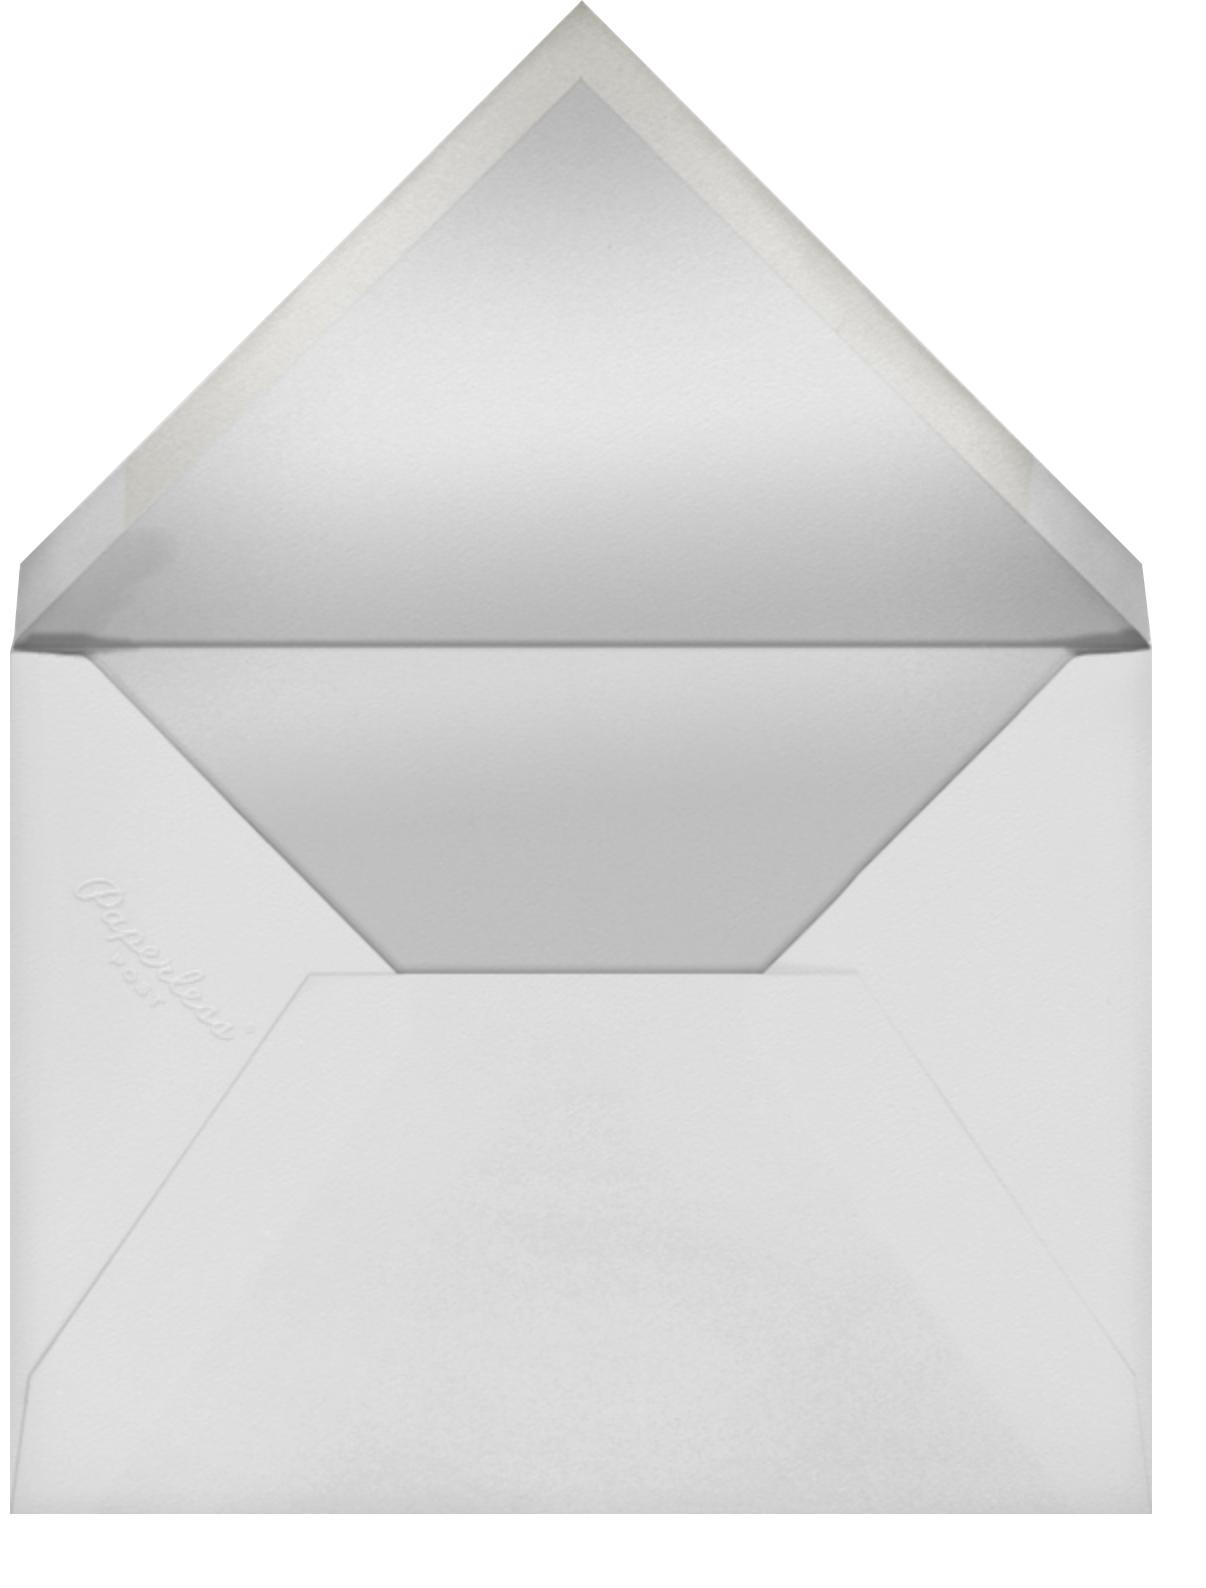 Bulletin (Menu) - Coral - Paperless Post - Menus - envelope back